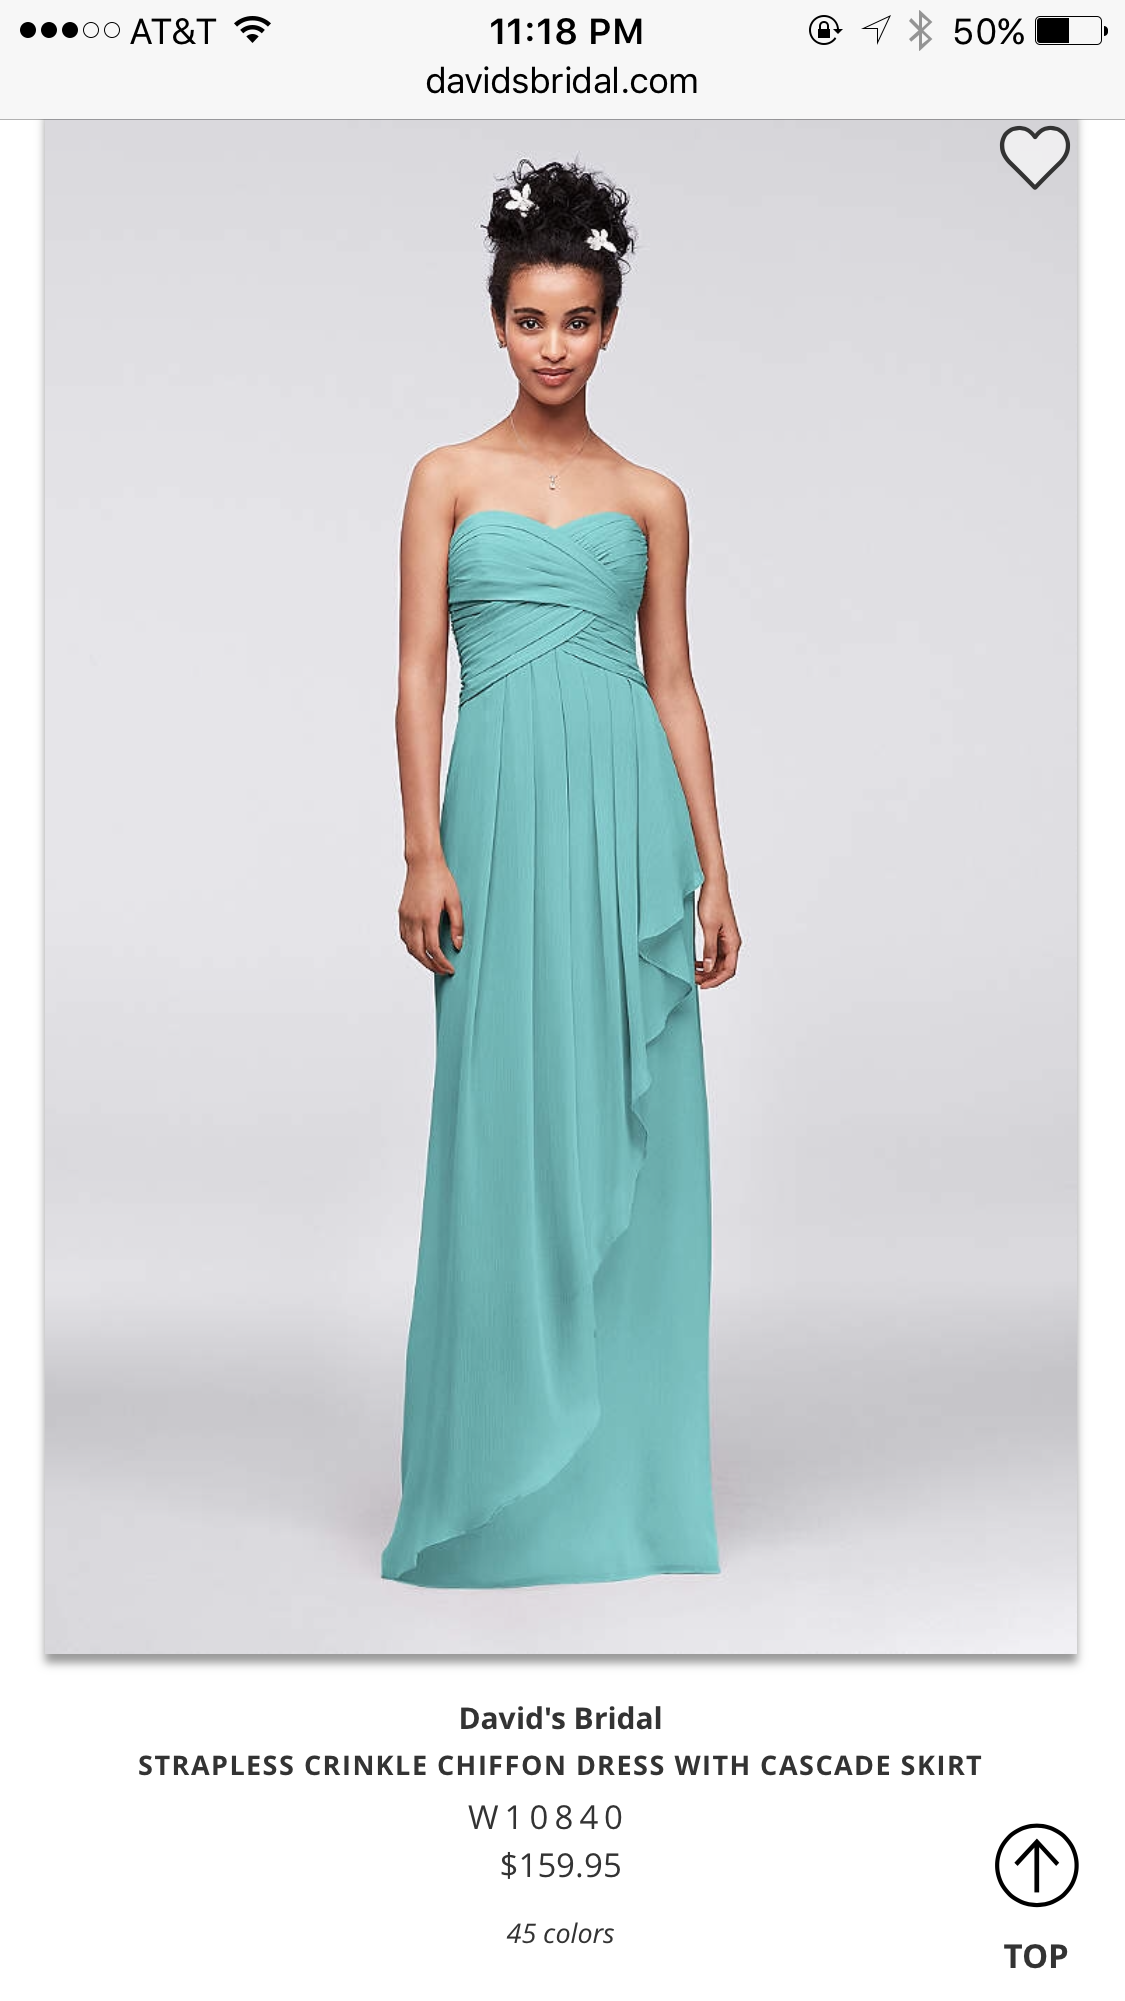 Fall 2018 bridesmaid dress colors for may